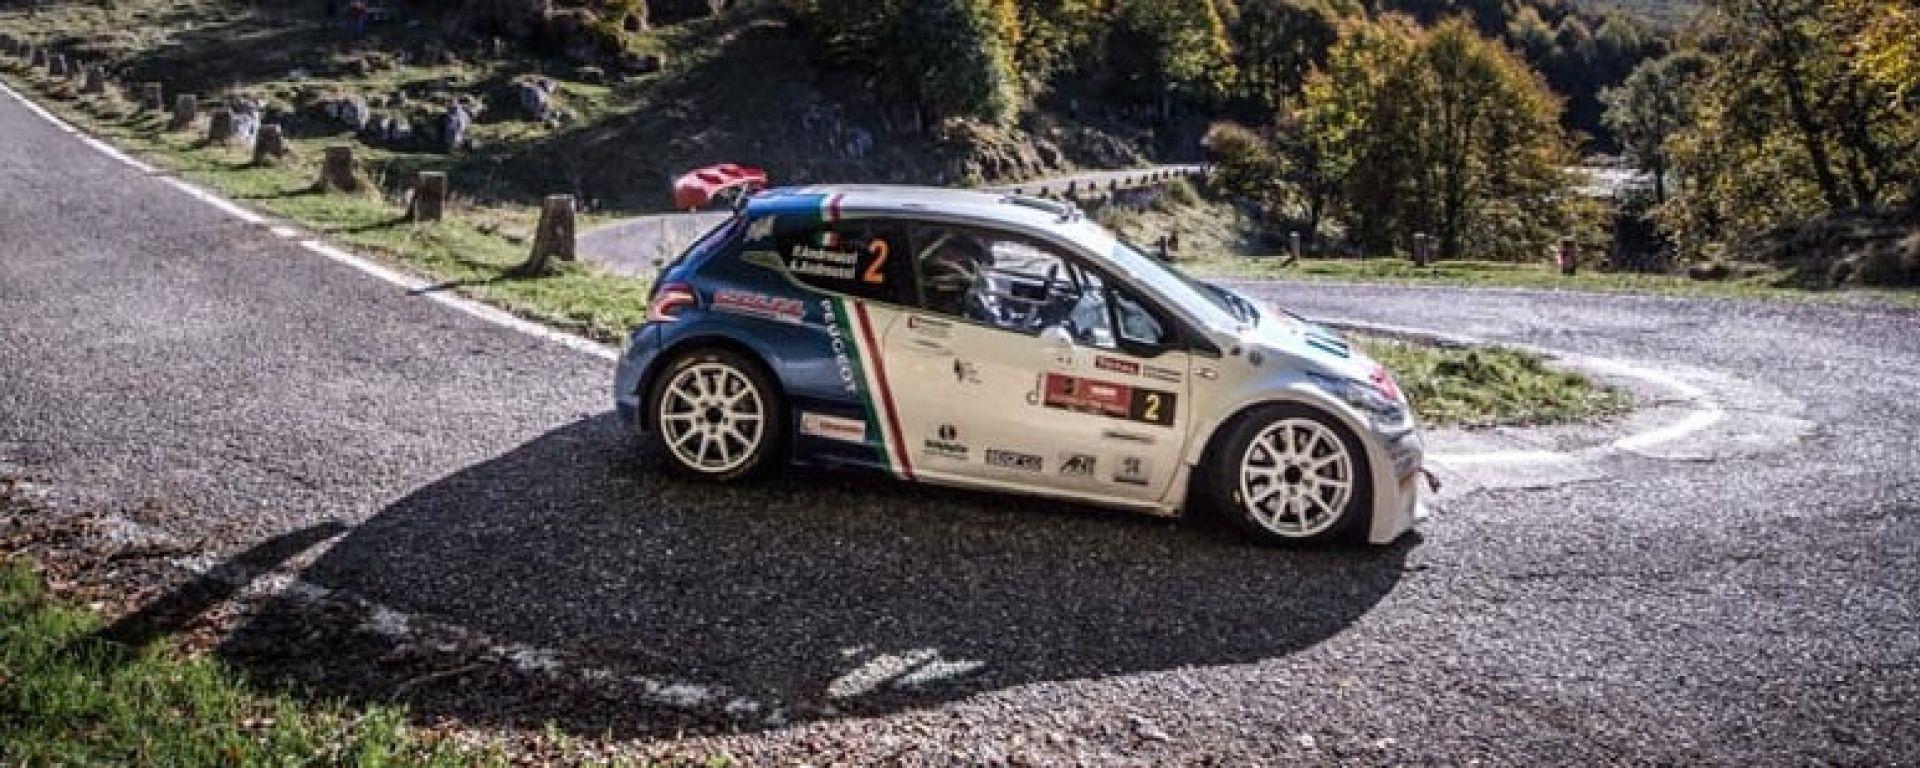 36° Rally Due Valli 2018 - Info e risultati